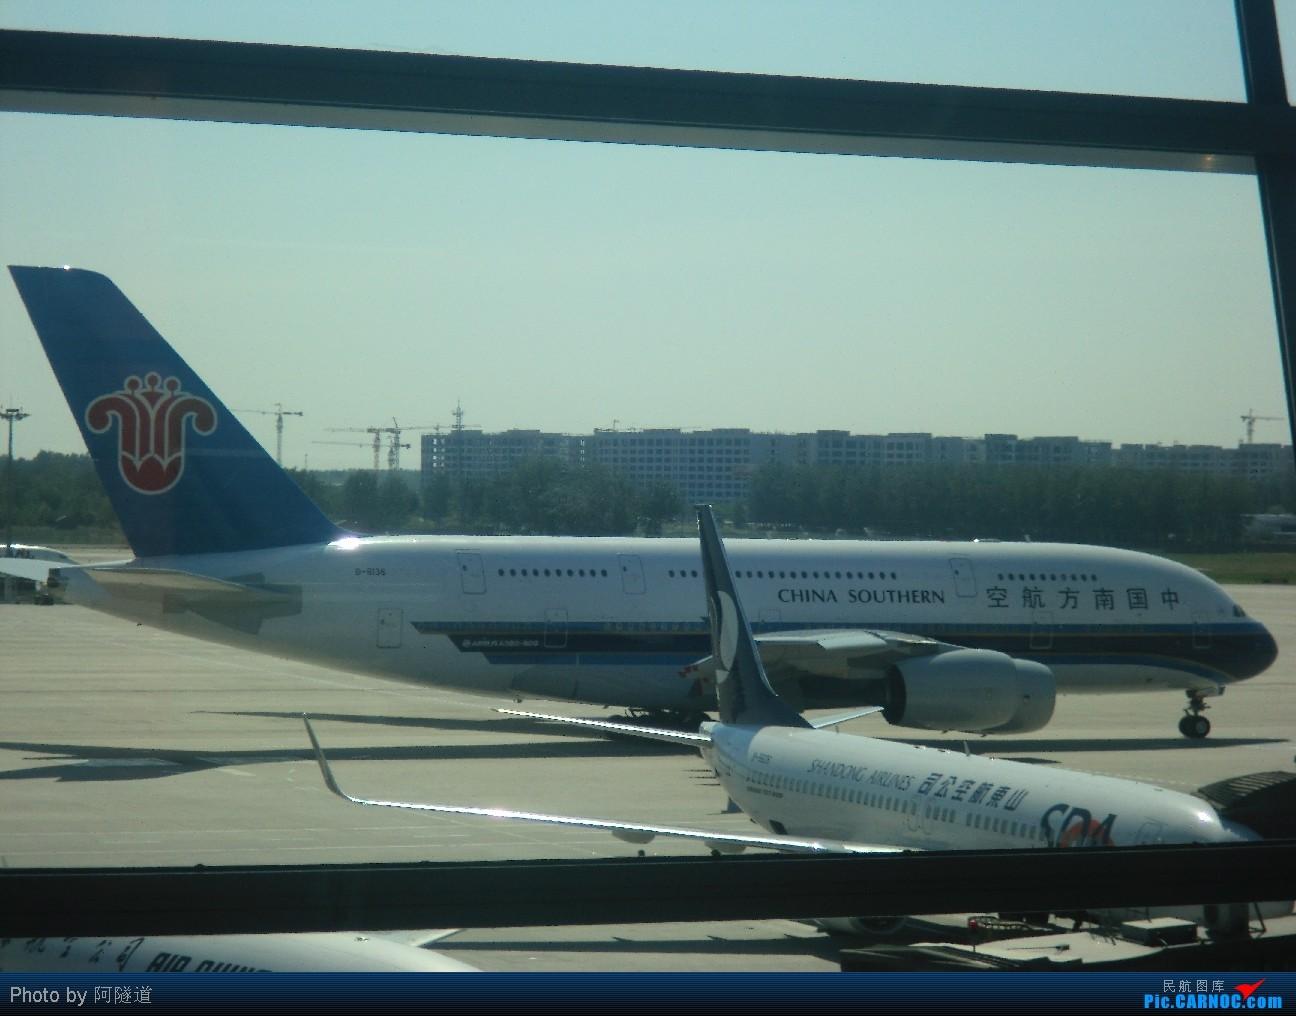 [原创]北京烟台往返,黄渤海分界线,巧遇山航CRJ    中国北京首都机场